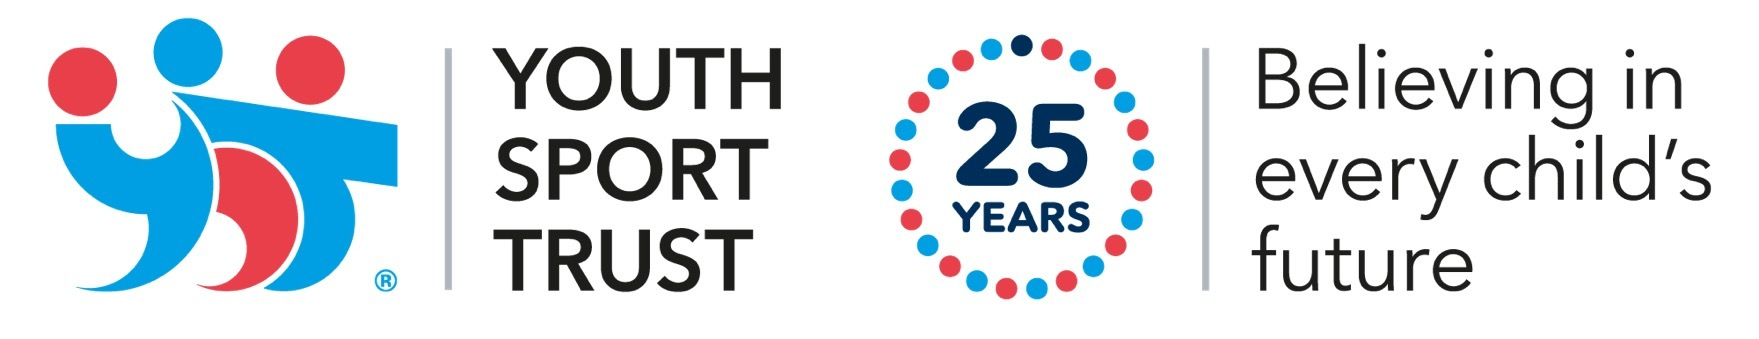 Youth Sport Ttrust